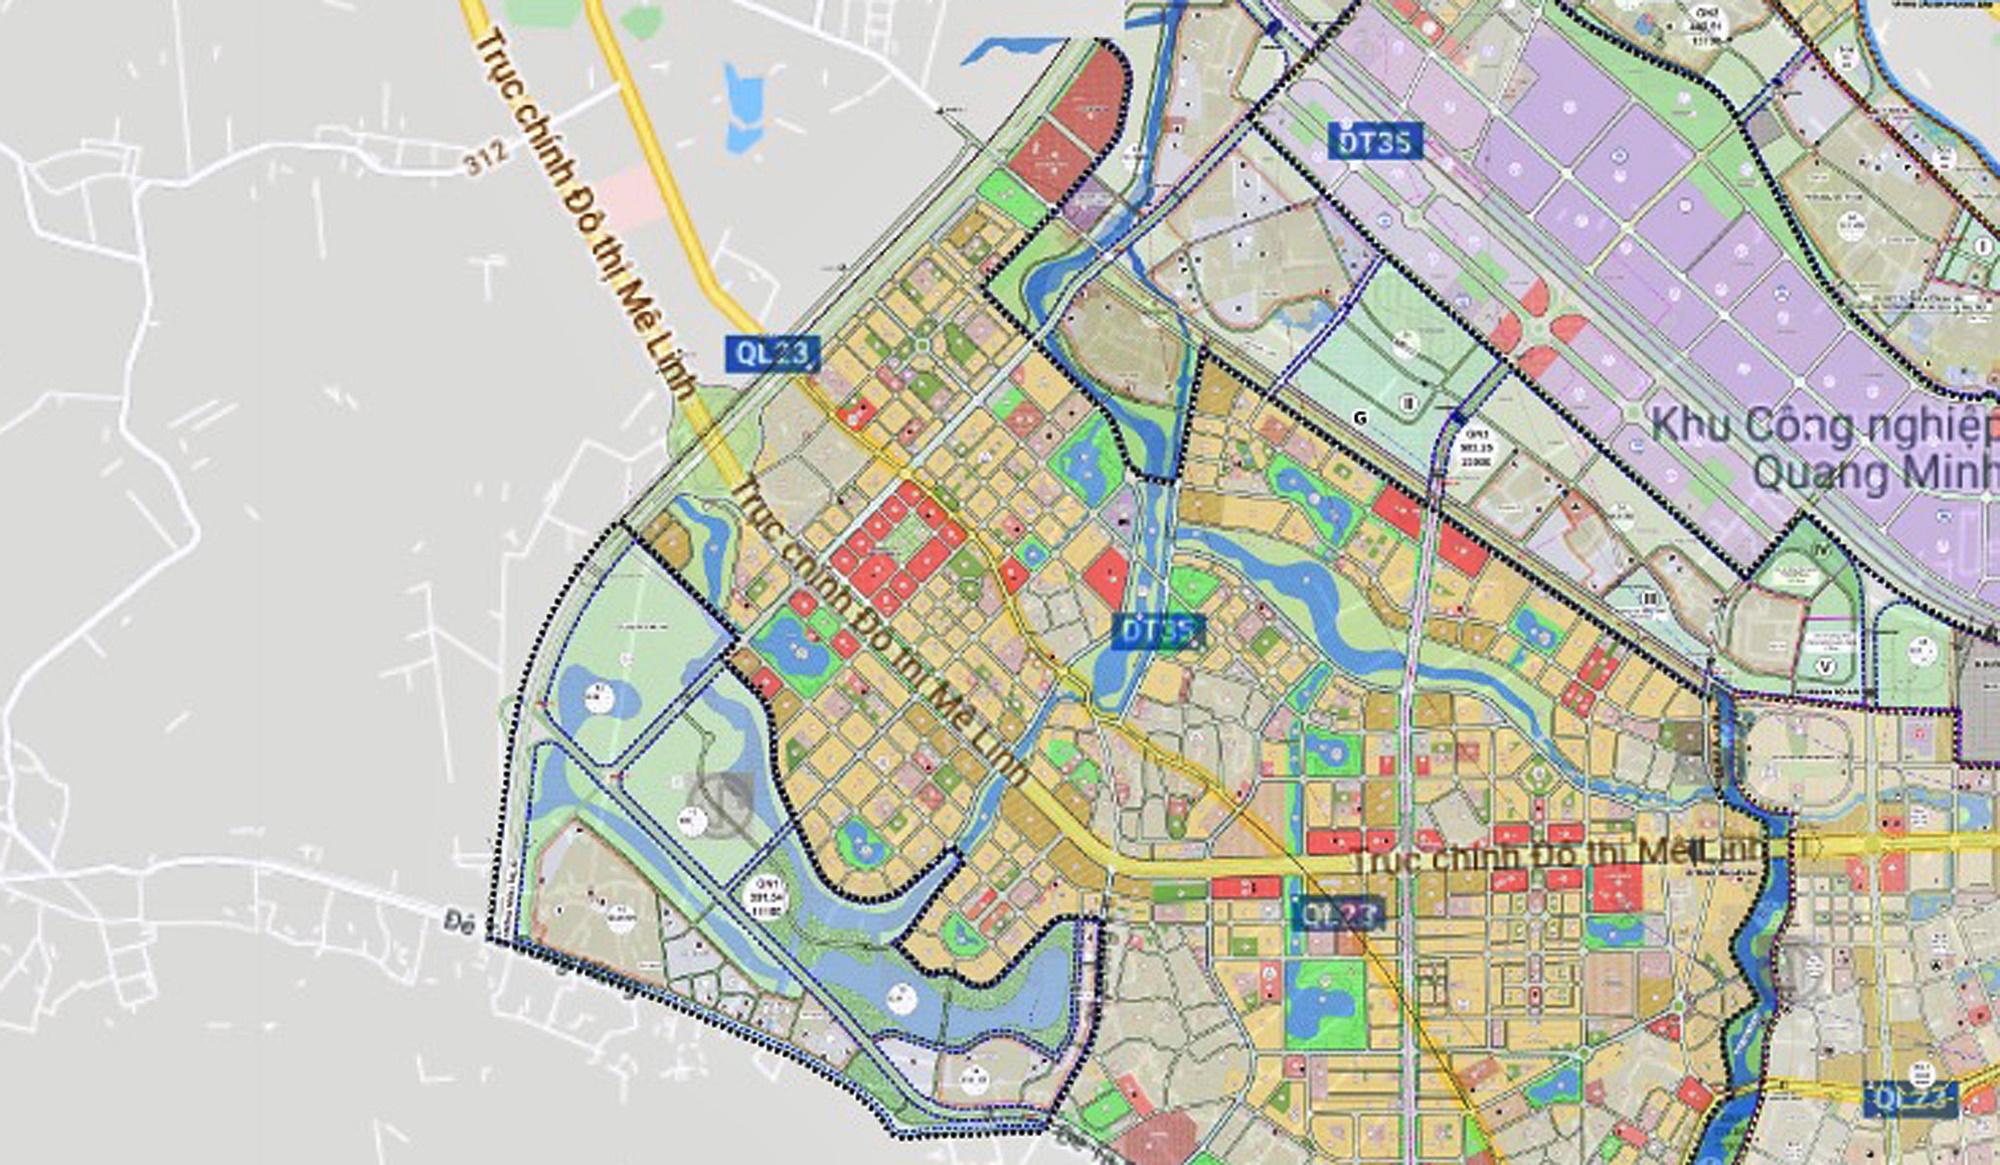 Cầu sẽ mở theo qui hoạch ở Hà Nội: Toàn cảnh vị trí làm cầu Hồng Hà nối Đan Phượng với Mê Linh - Ảnh 9.